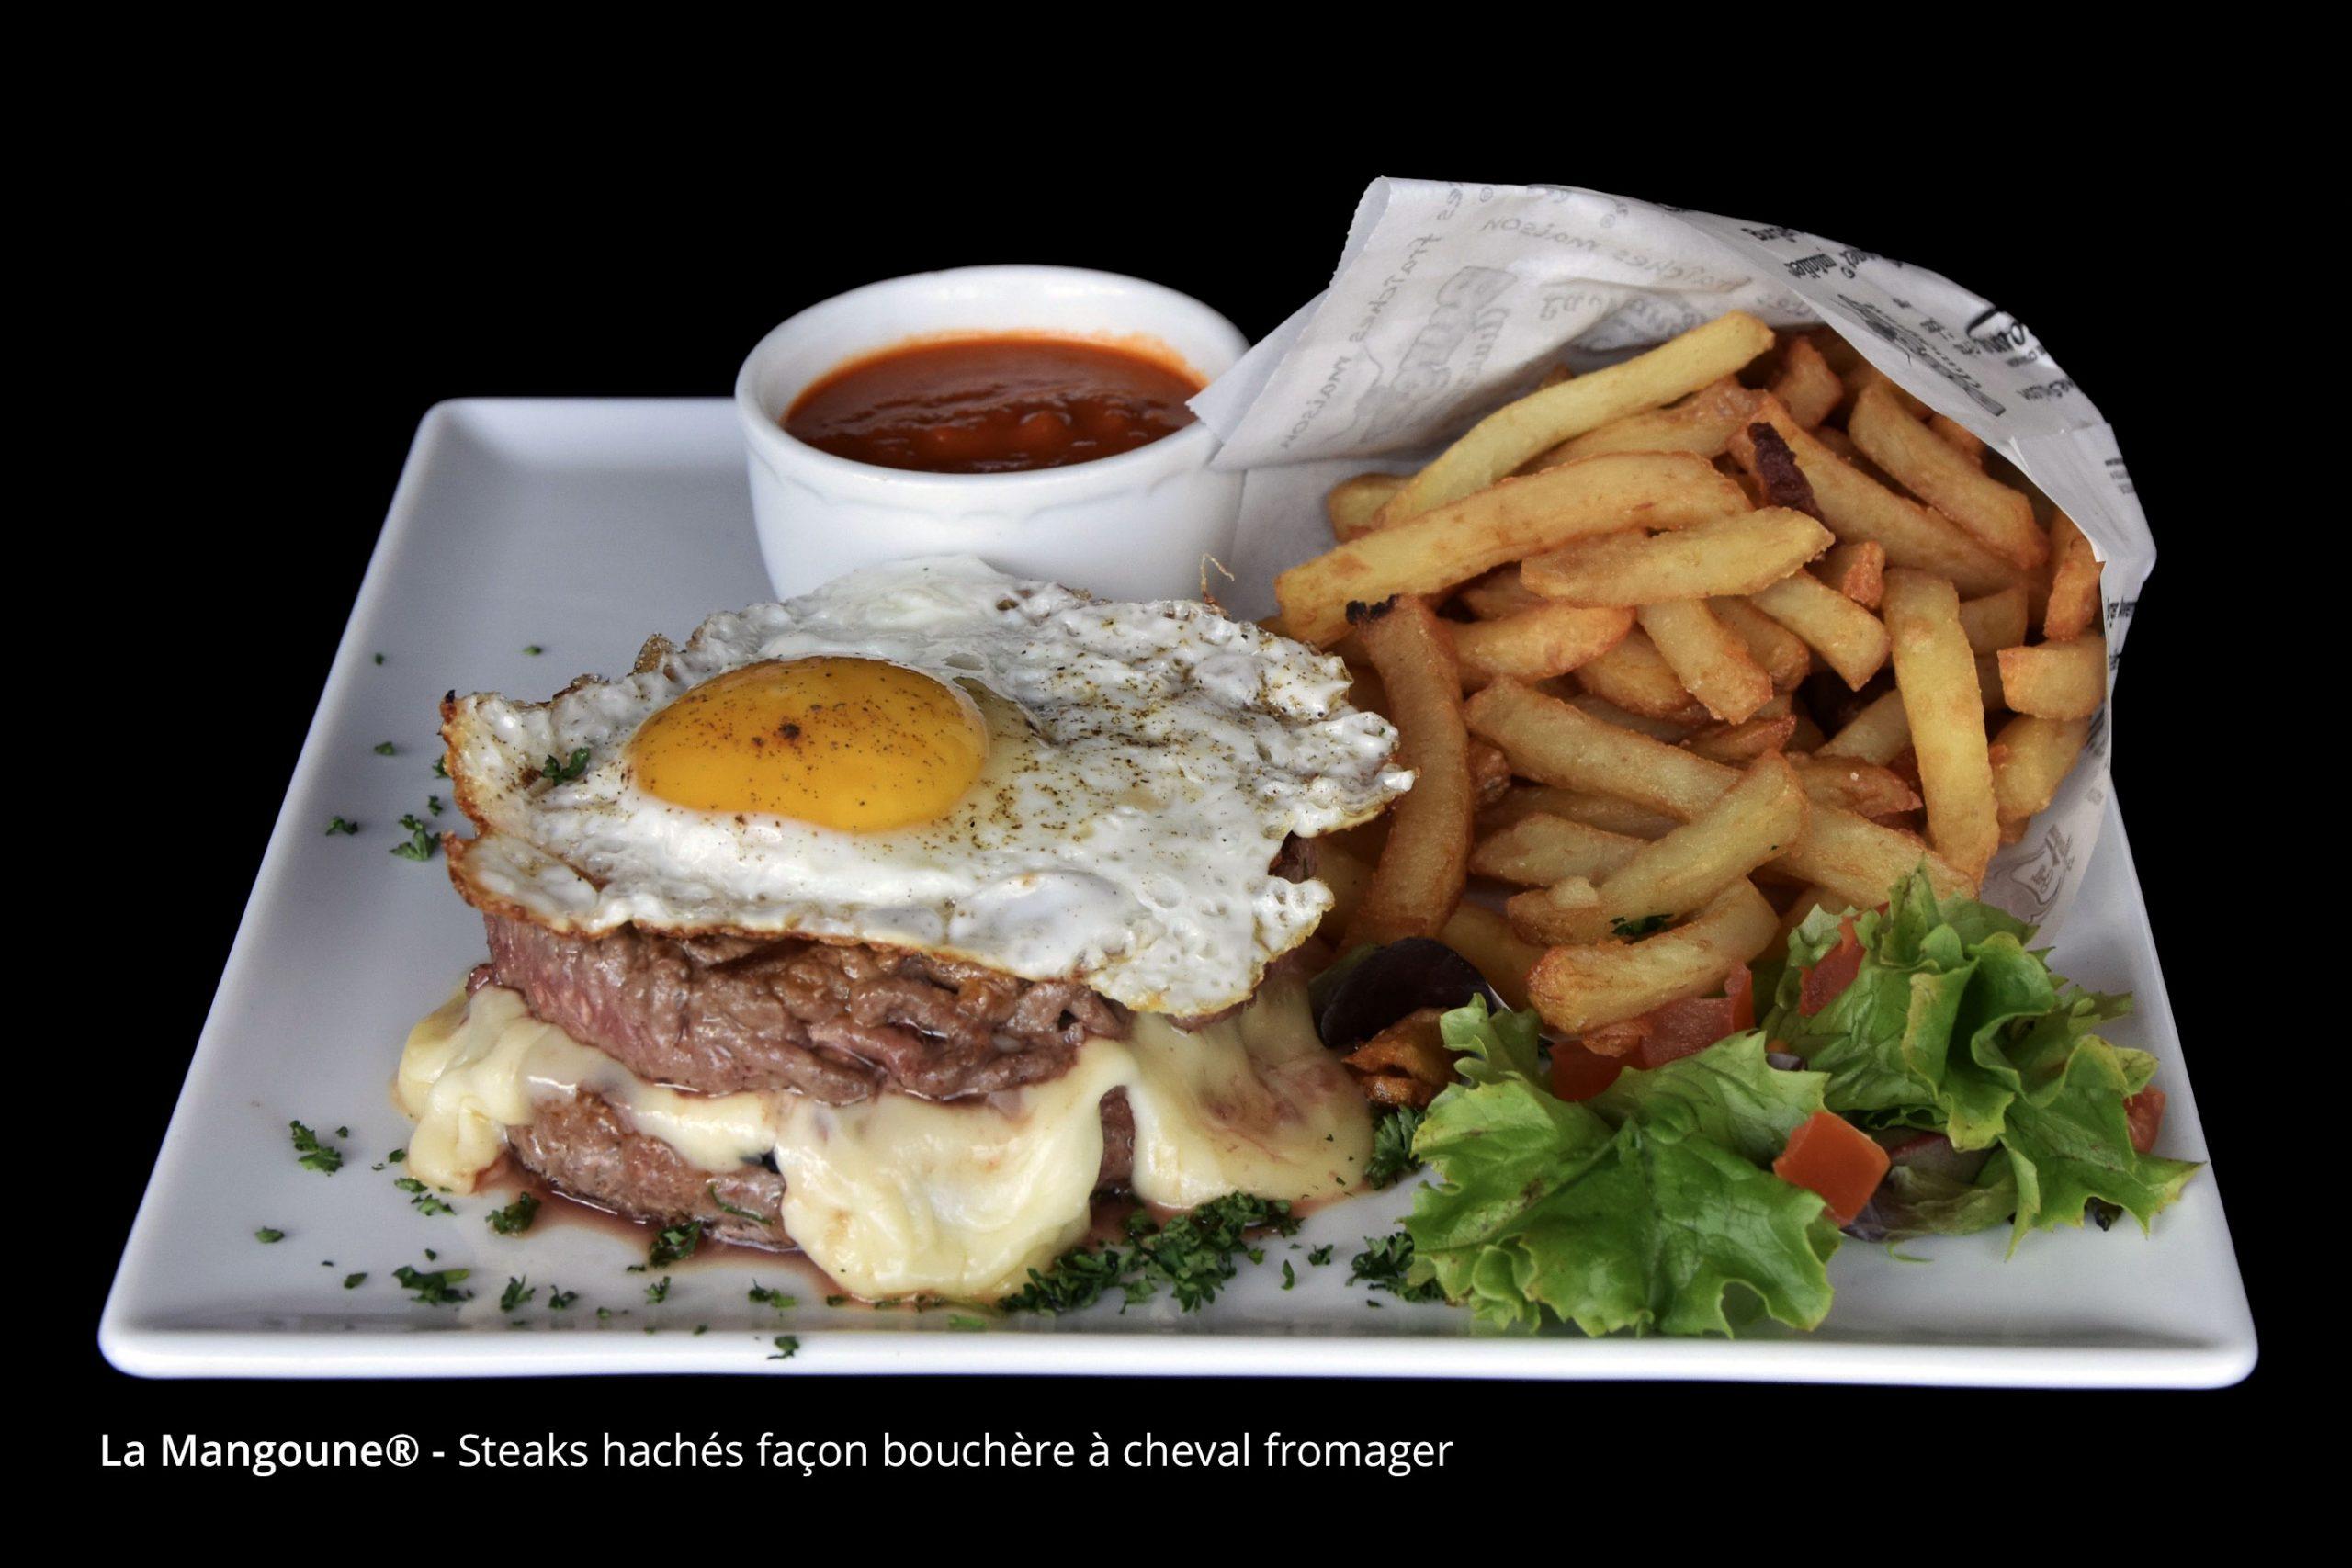 Steaks hachés façon bouchère à cheval fromager